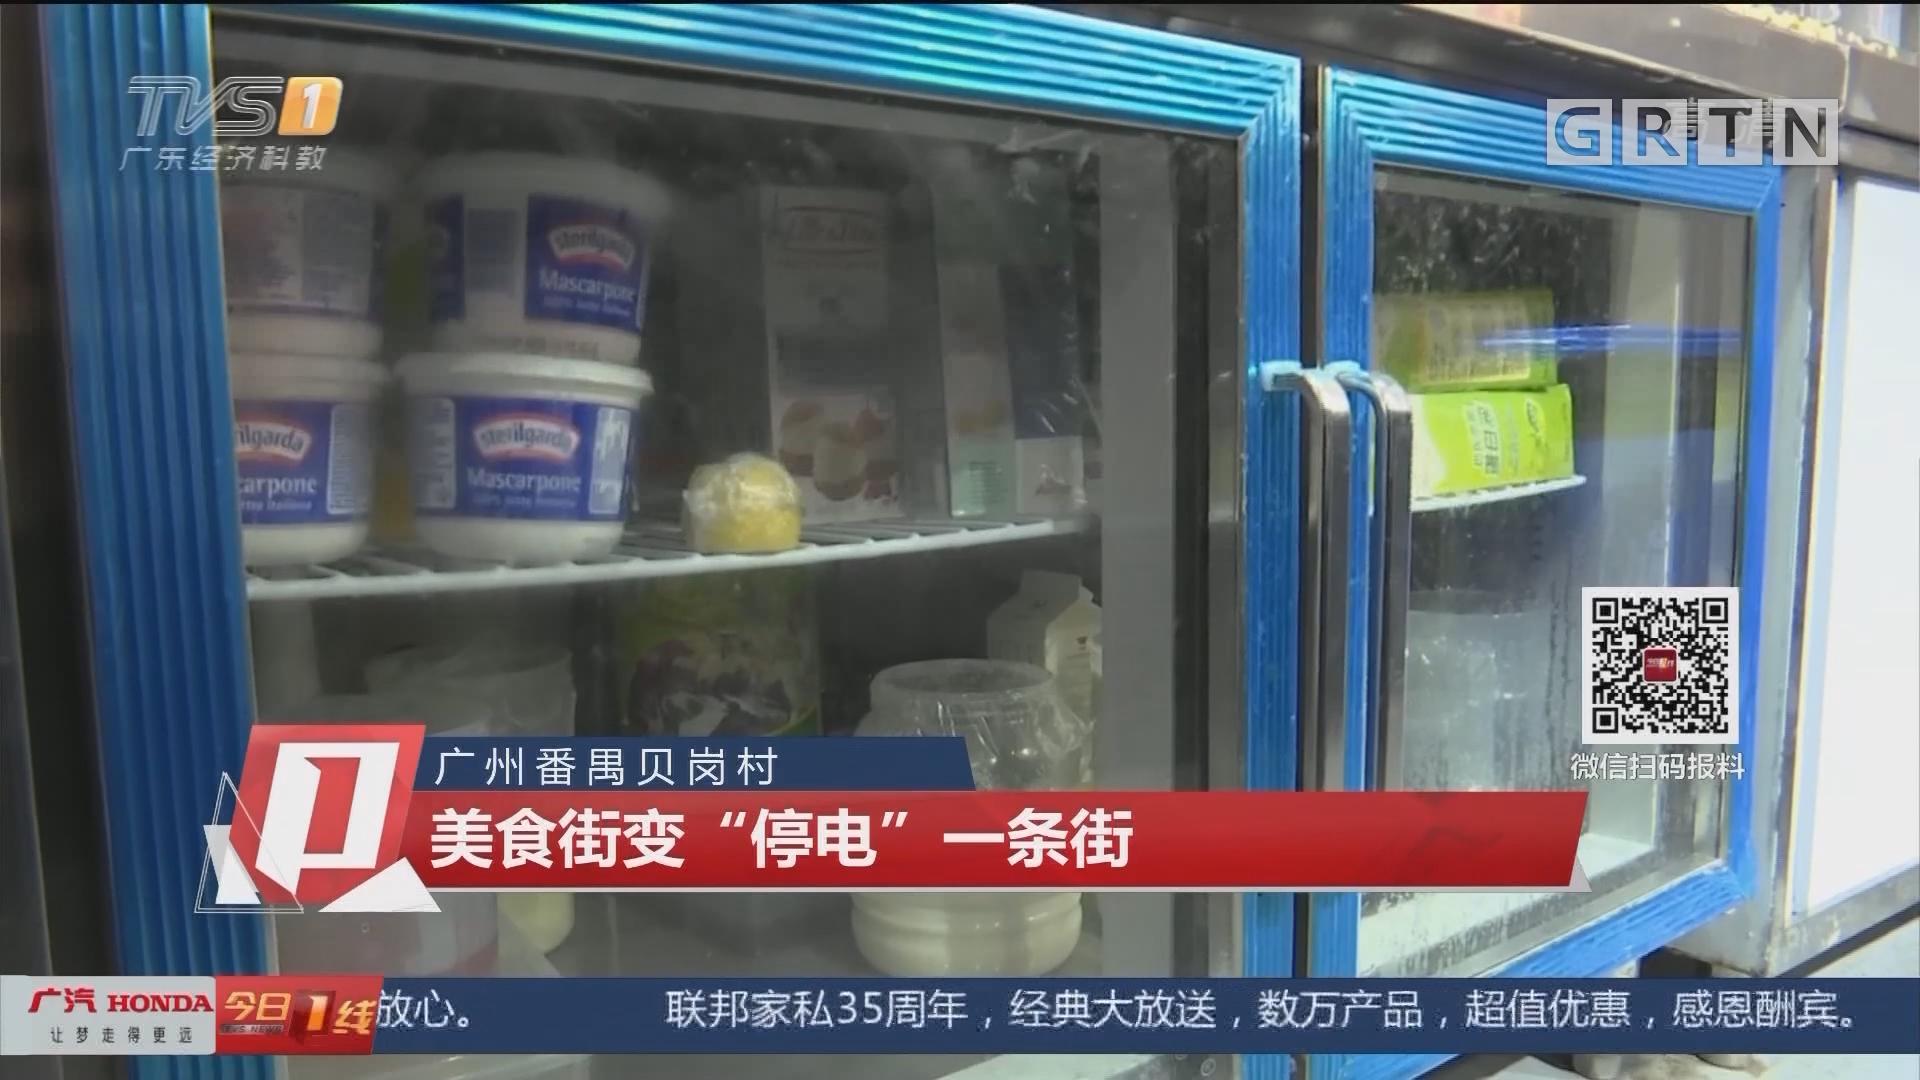 """广州番禺贝岗村 美食街变""""停电""""一条街"""